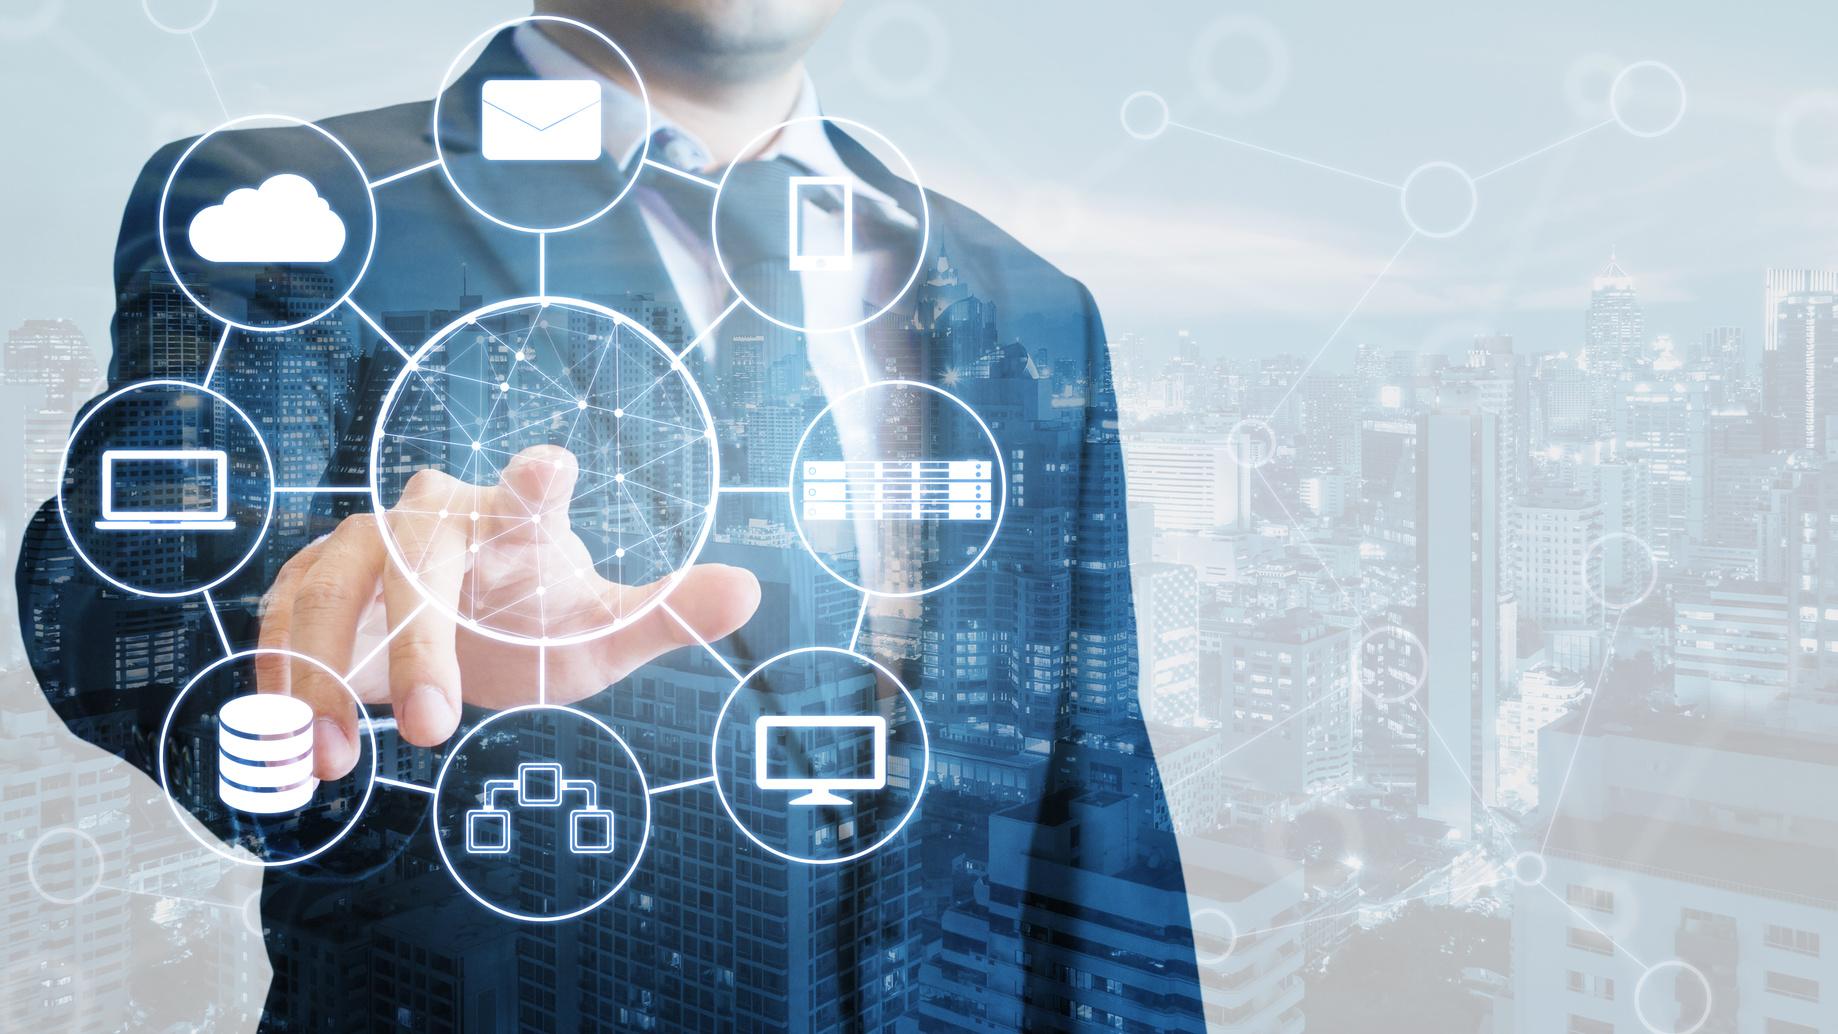 Prozessdigitalisierung mit Augenmaß – so werden Ihre Prozesse effizient, flexibel und mobil